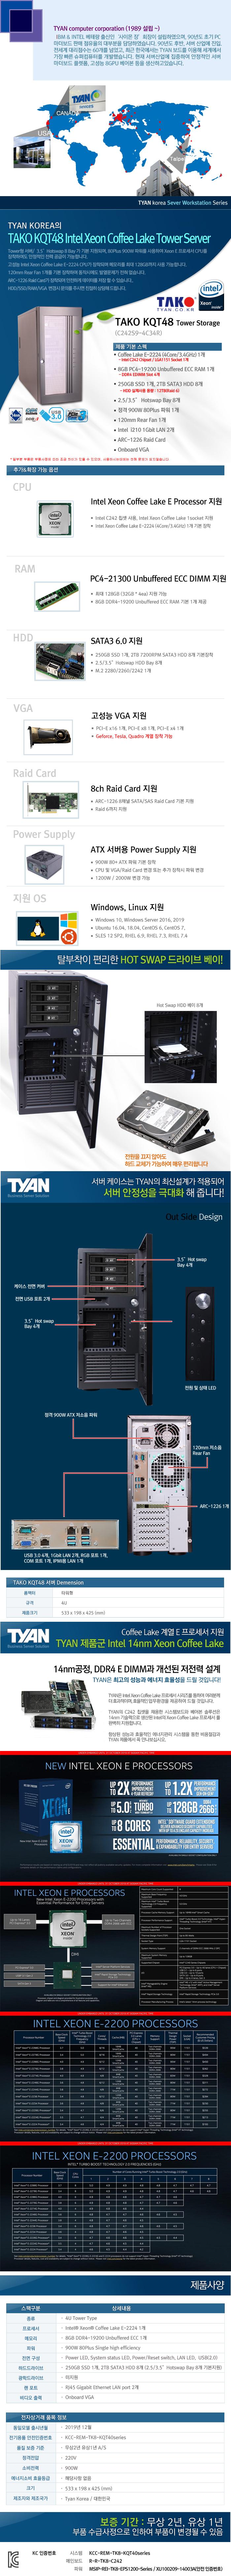 TYAN TAKO-KQT48-(C242S9-4C34R) (8GB, SSD 250GB + 12TB)